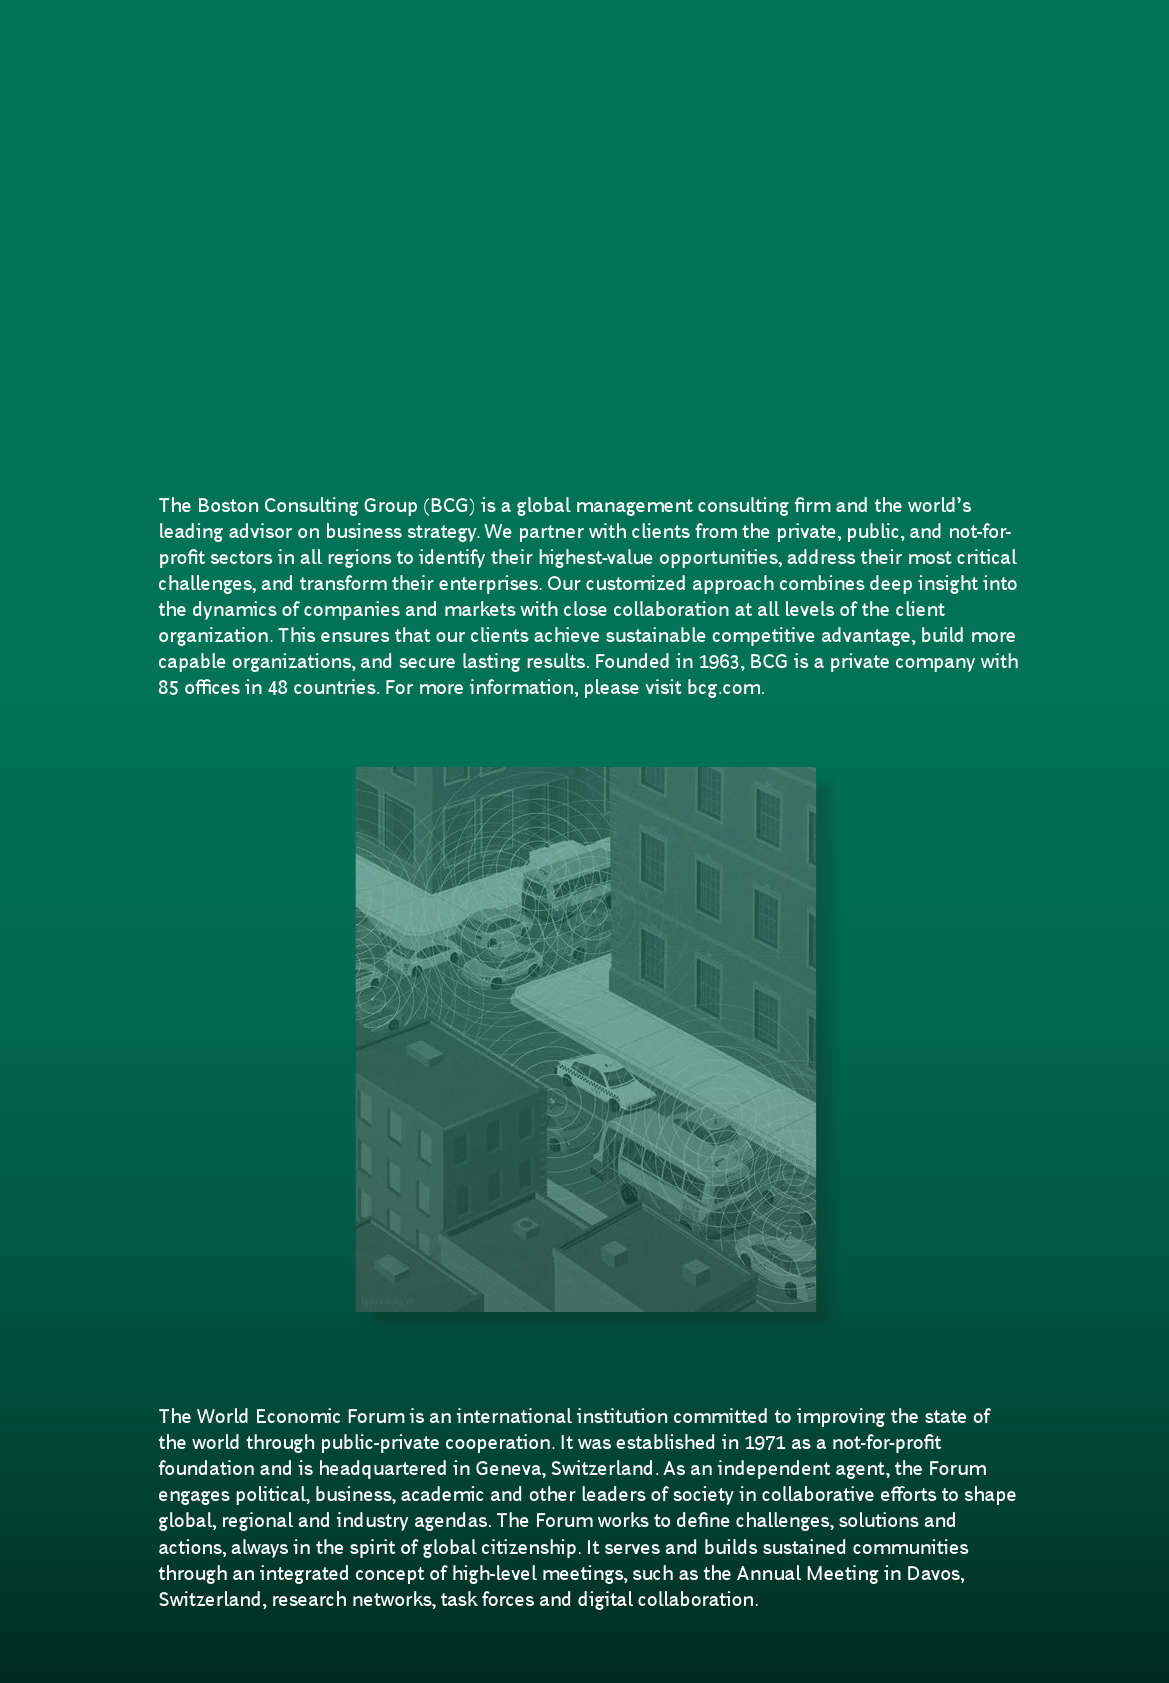 自动驾驶与城市交通革命_000002